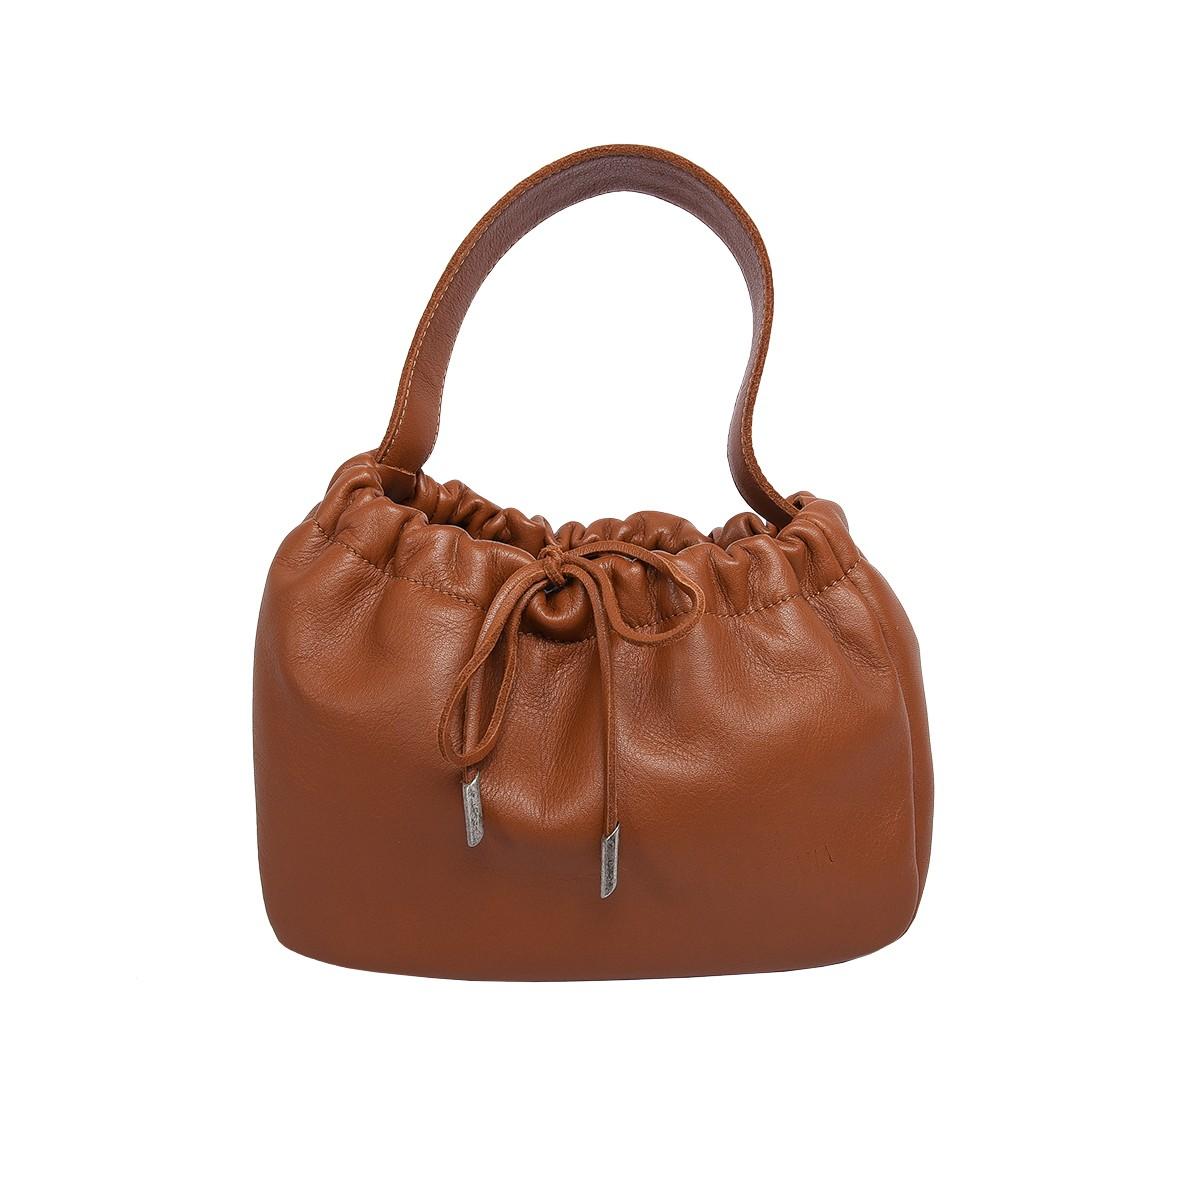 Come abbinare la borsa color taupe: scelte di stile con ...